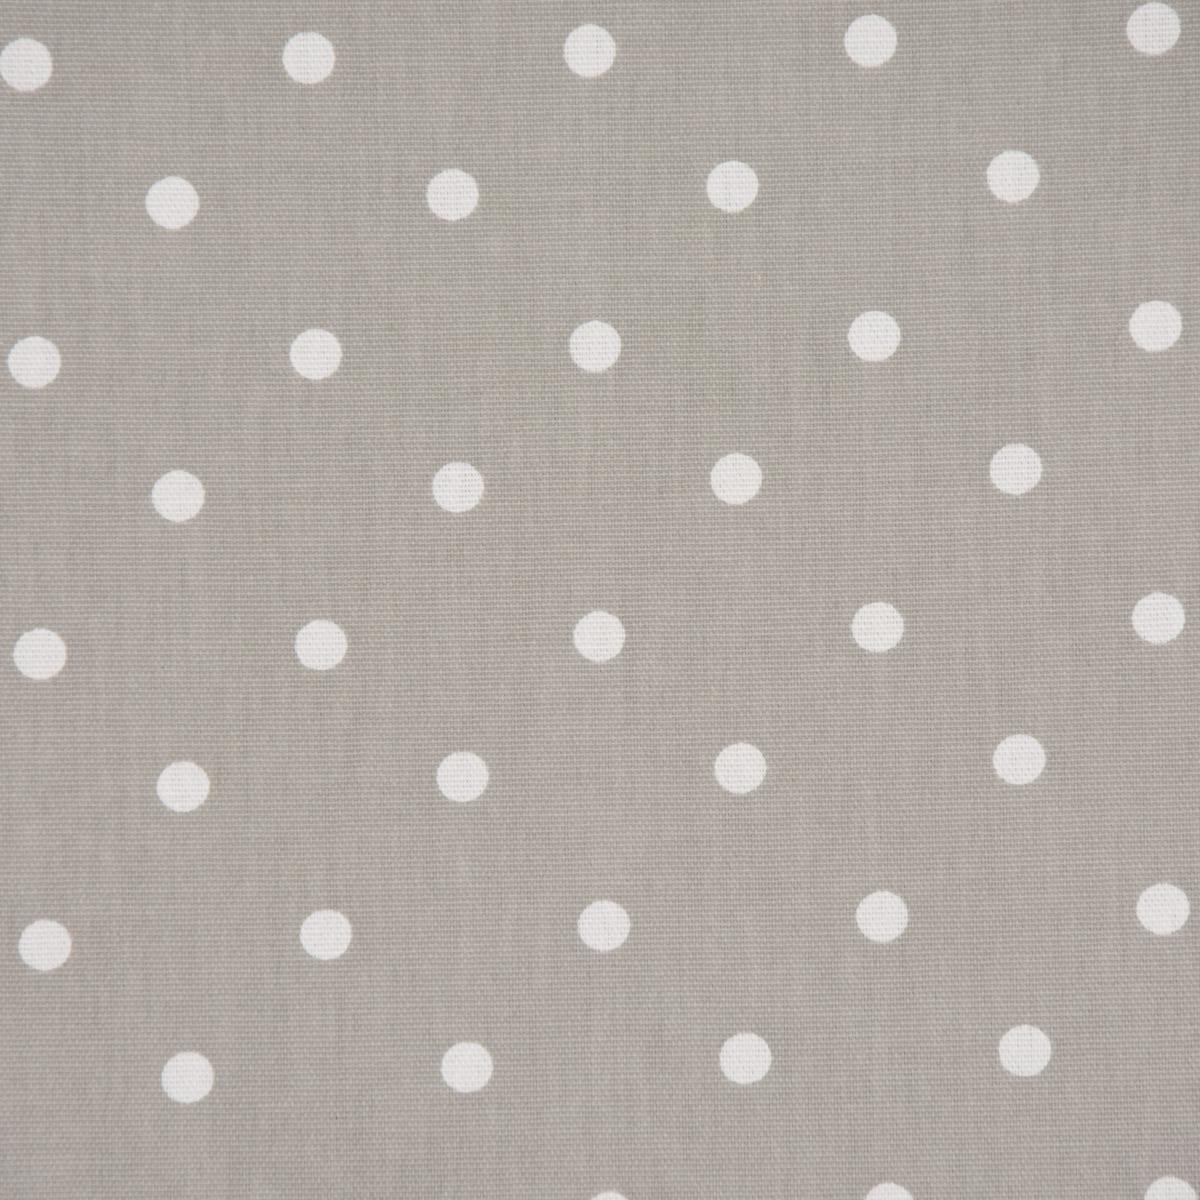 Gardinenstoff Dekostoff Baumwollstoff Full Stop Punkte grau weiß 140cm Breite